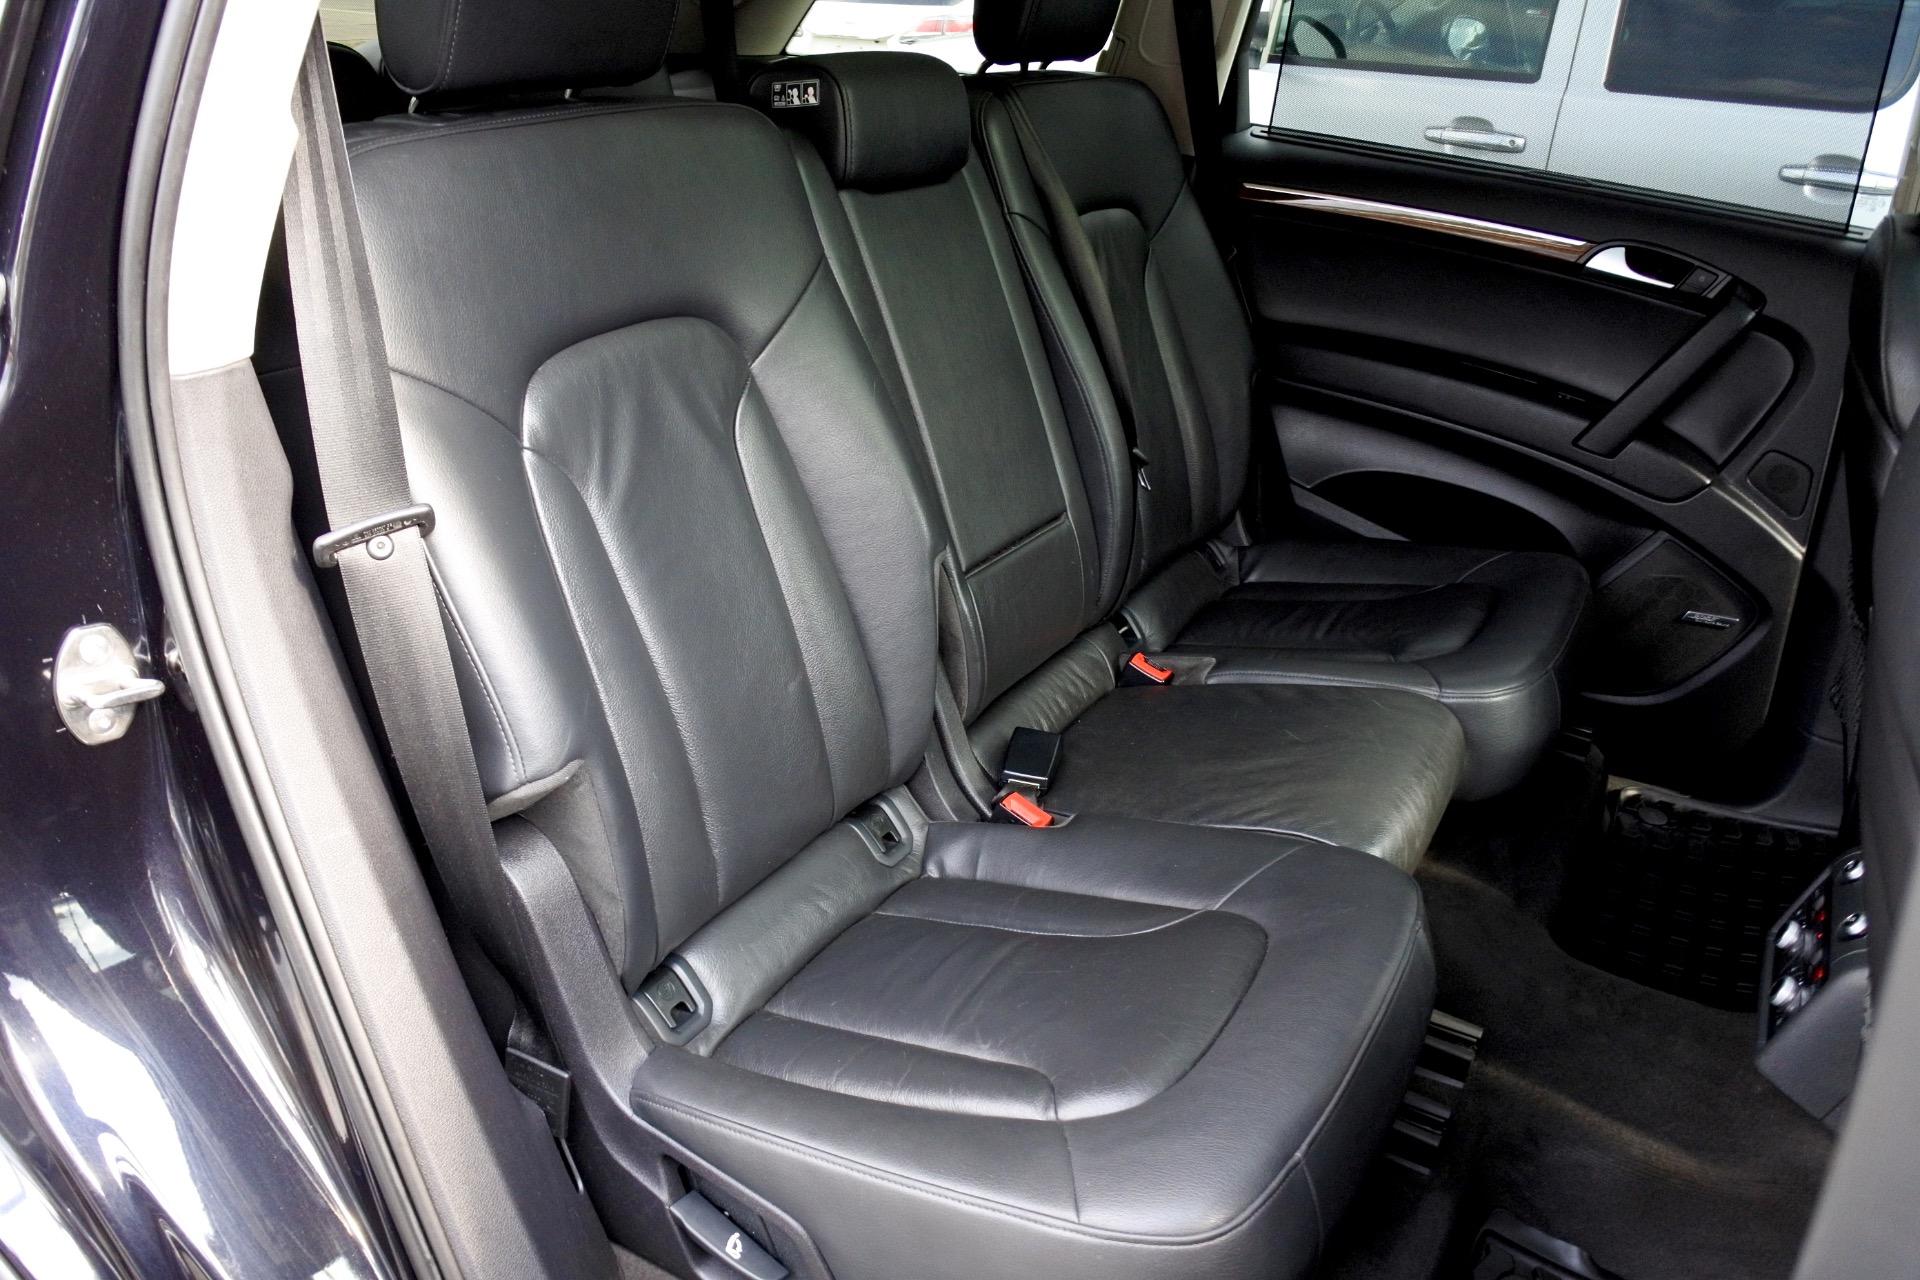 Used 2013 Audi Q7 TDI Premium Plus Used 2013 Audi Q7 TDI Premium Plus for sale  at Metro West Motorcars LLC in Shrewsbury MA 21